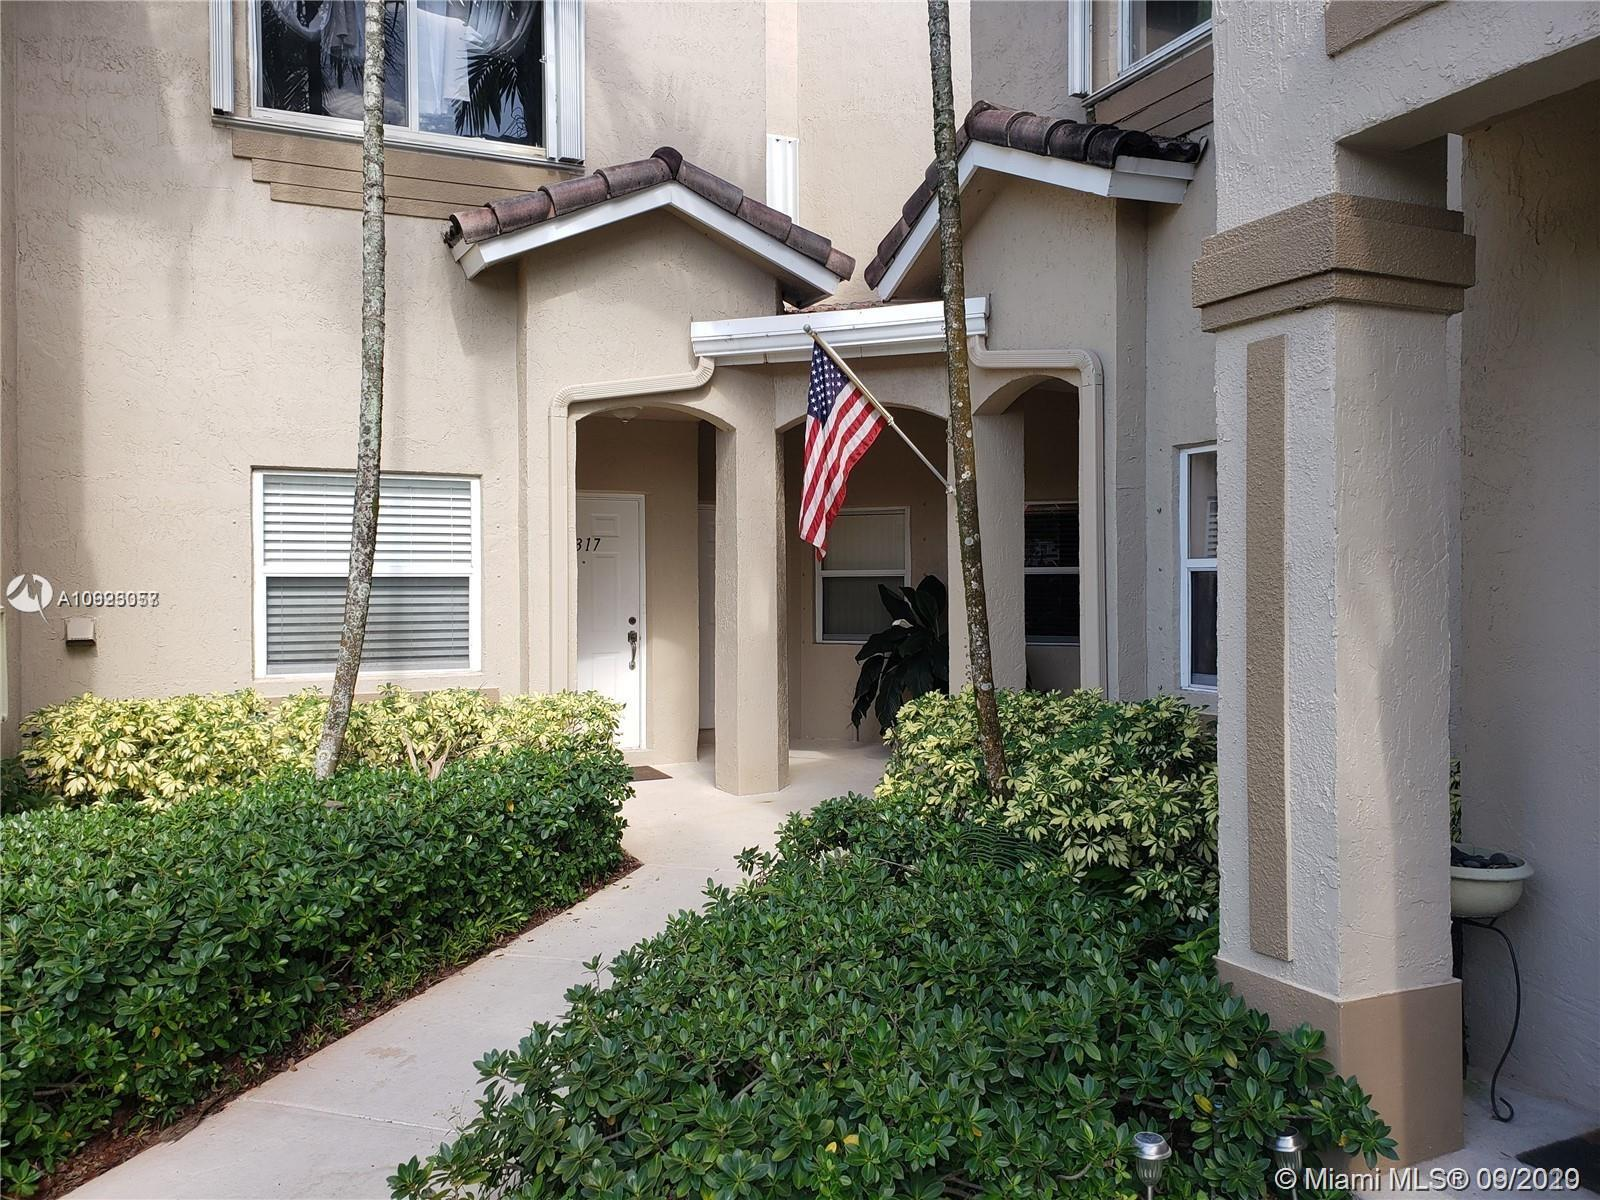 2317 SE 24th Ave #2317 Property Photo